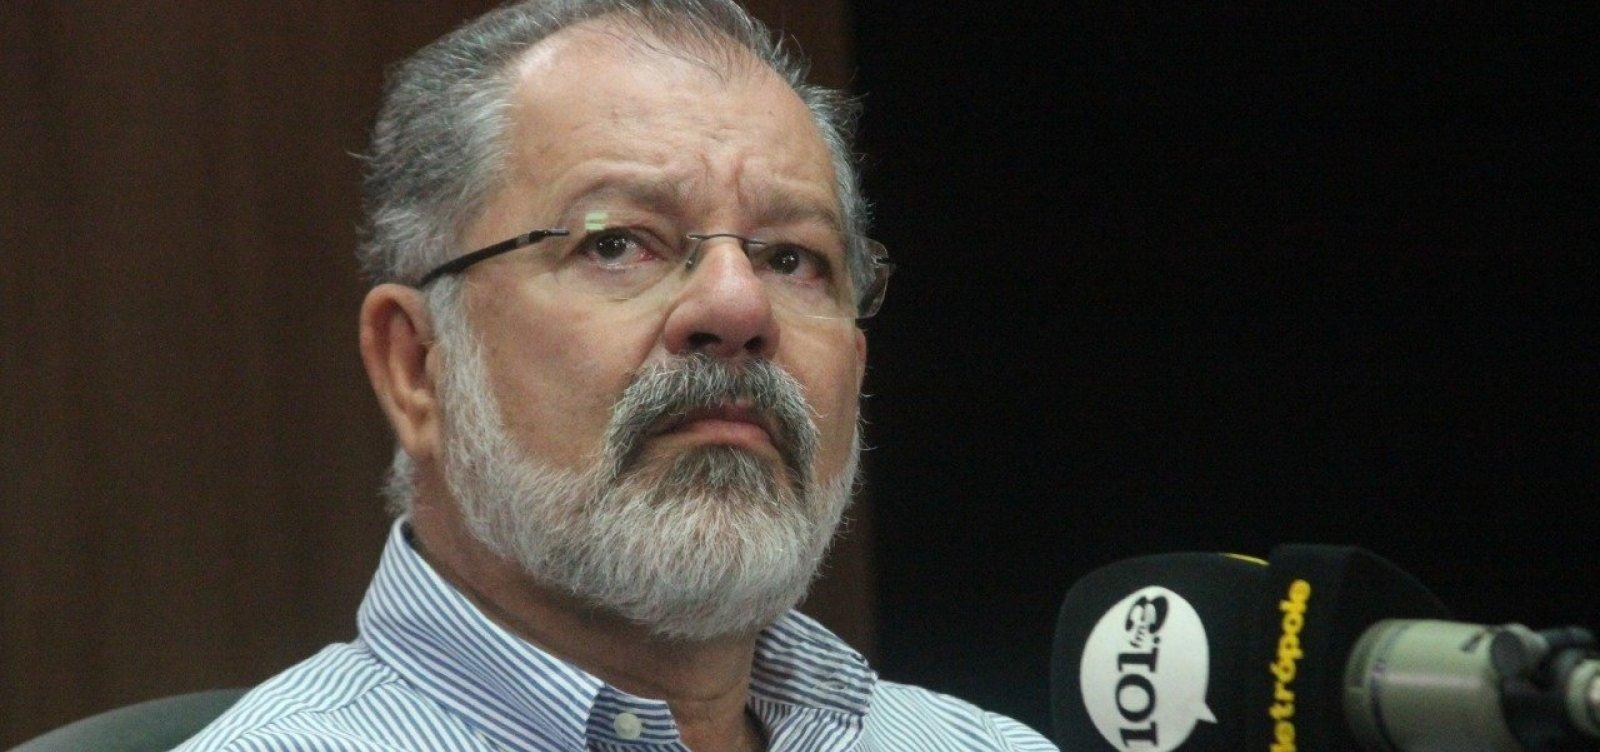 ['Vou trabalhar para ser governador', diz Nilo sobre sucessão de Rui Costa]